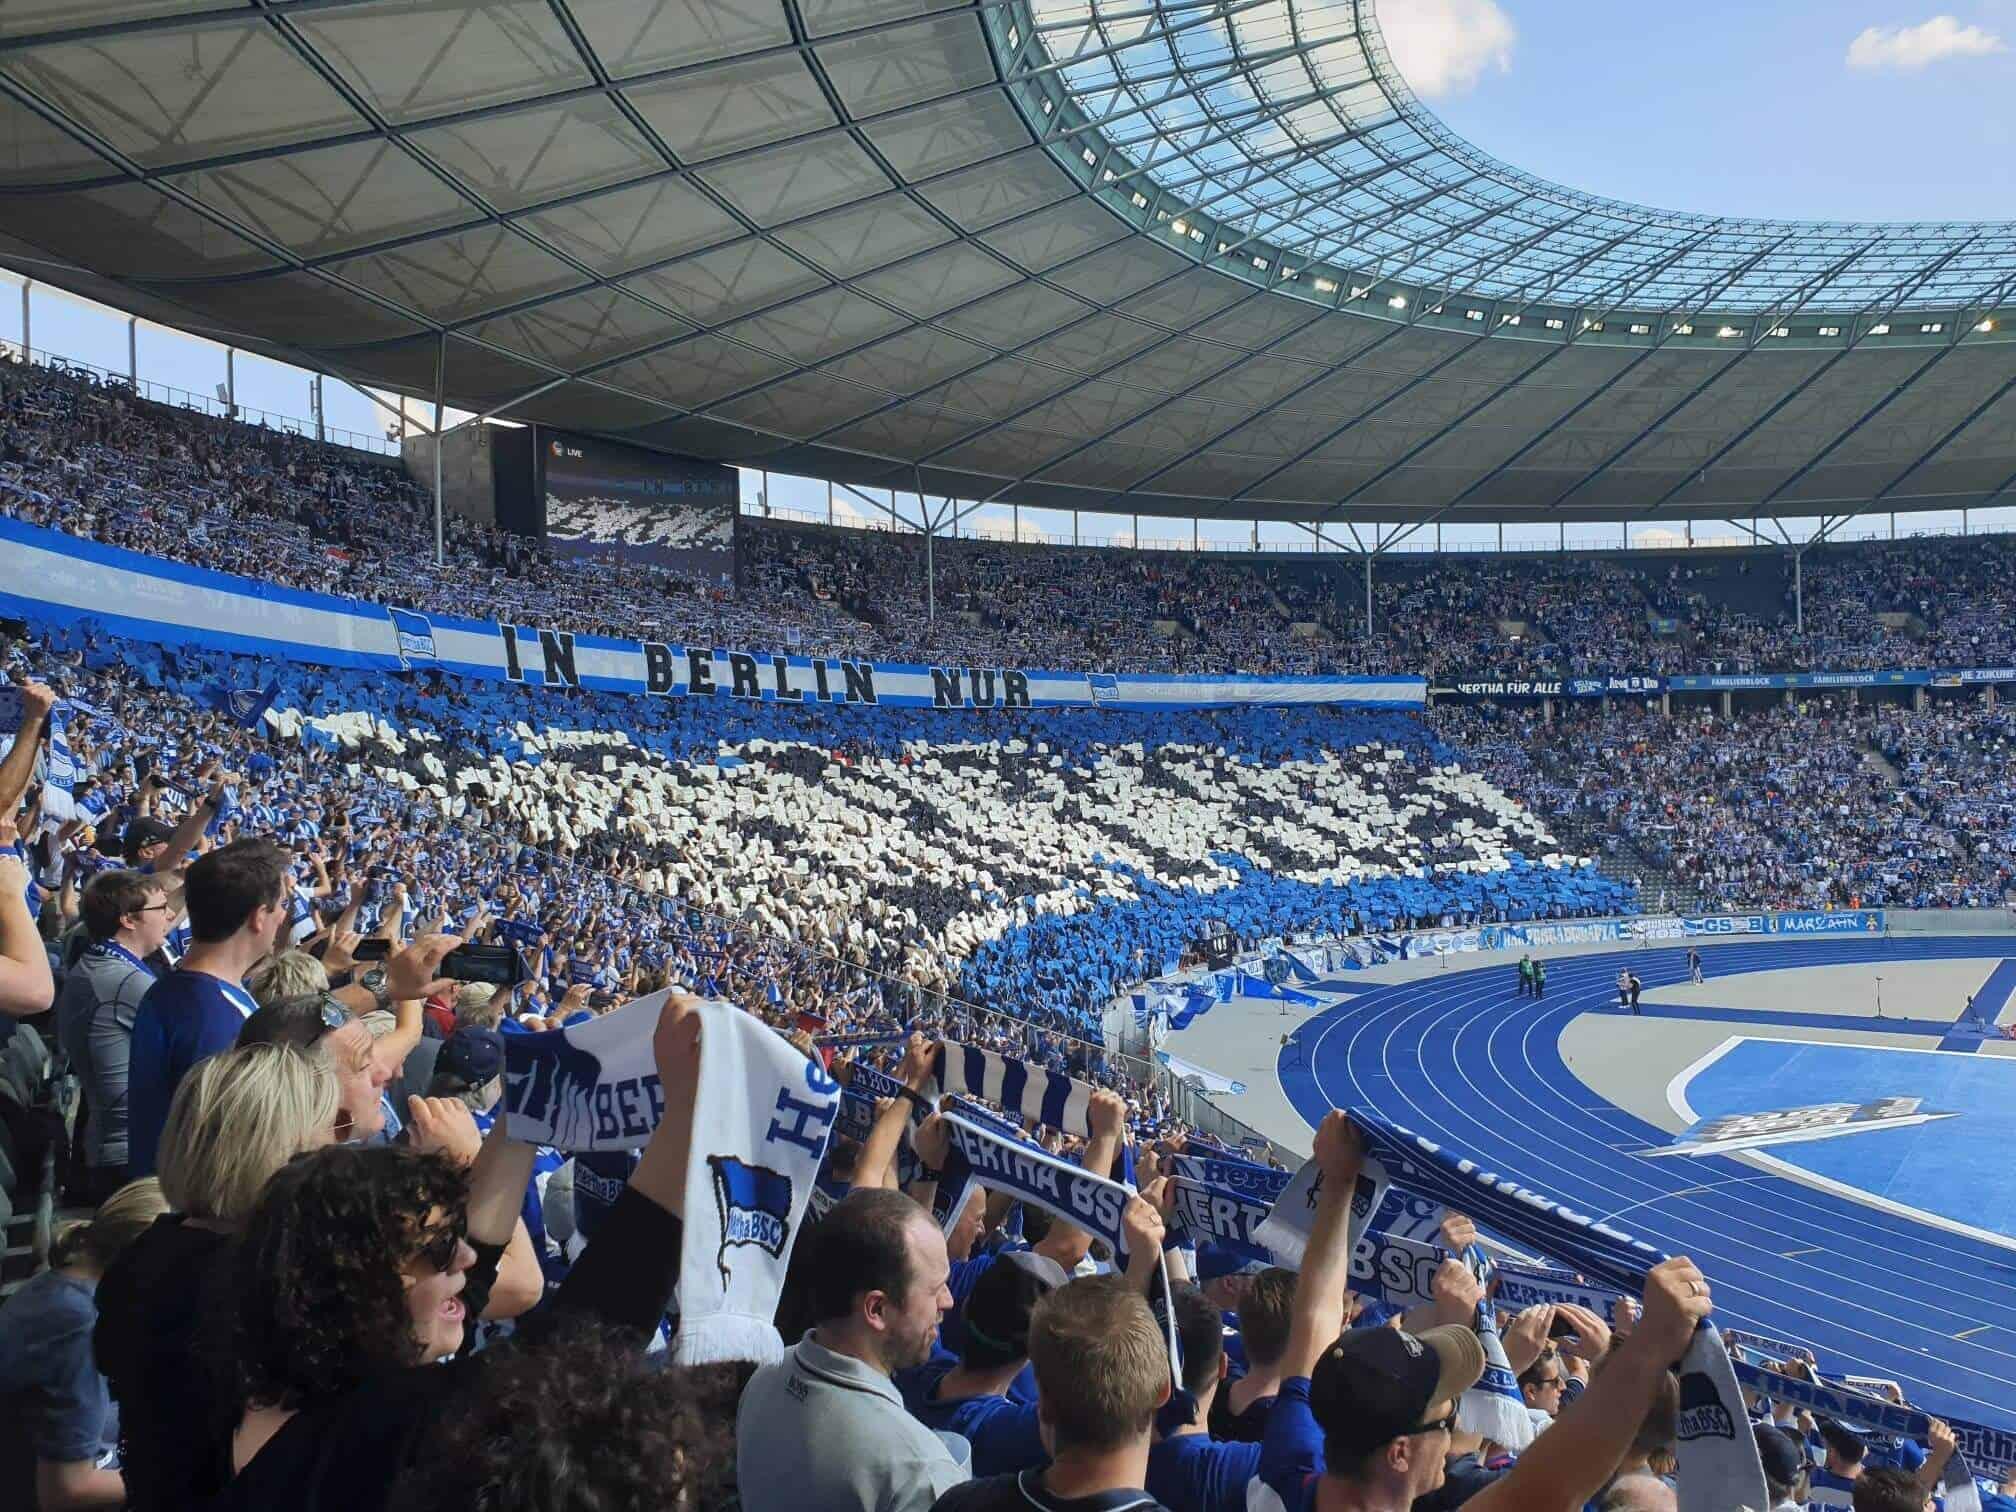 Bundesliga fodboldrejse: Hertha Berlin - Dortmund. Hertha fans,